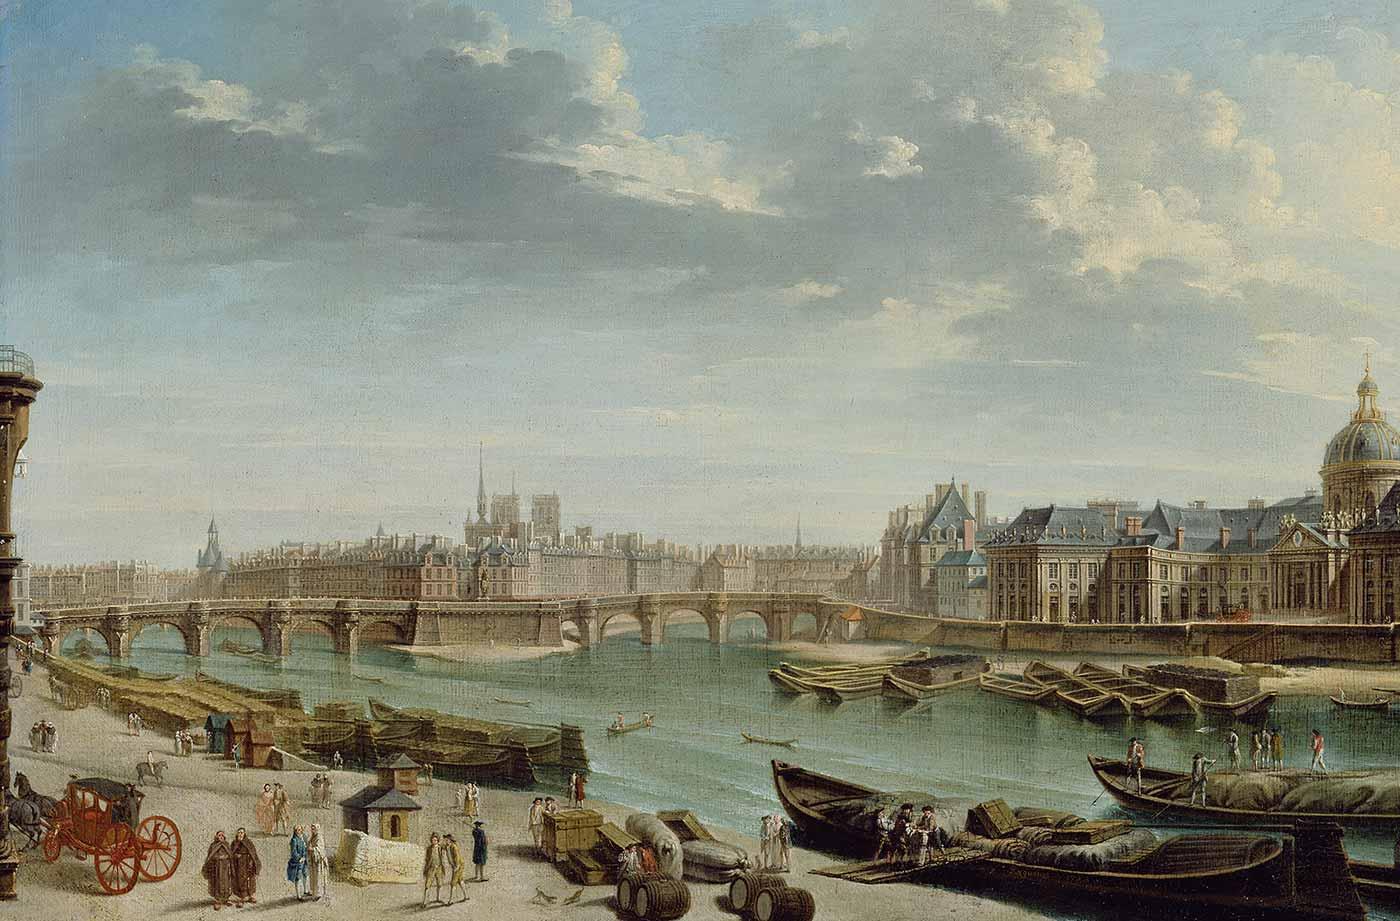 Jean-Baptiste Raguenet, A View of Paris with the Ile de la Cité, 1763